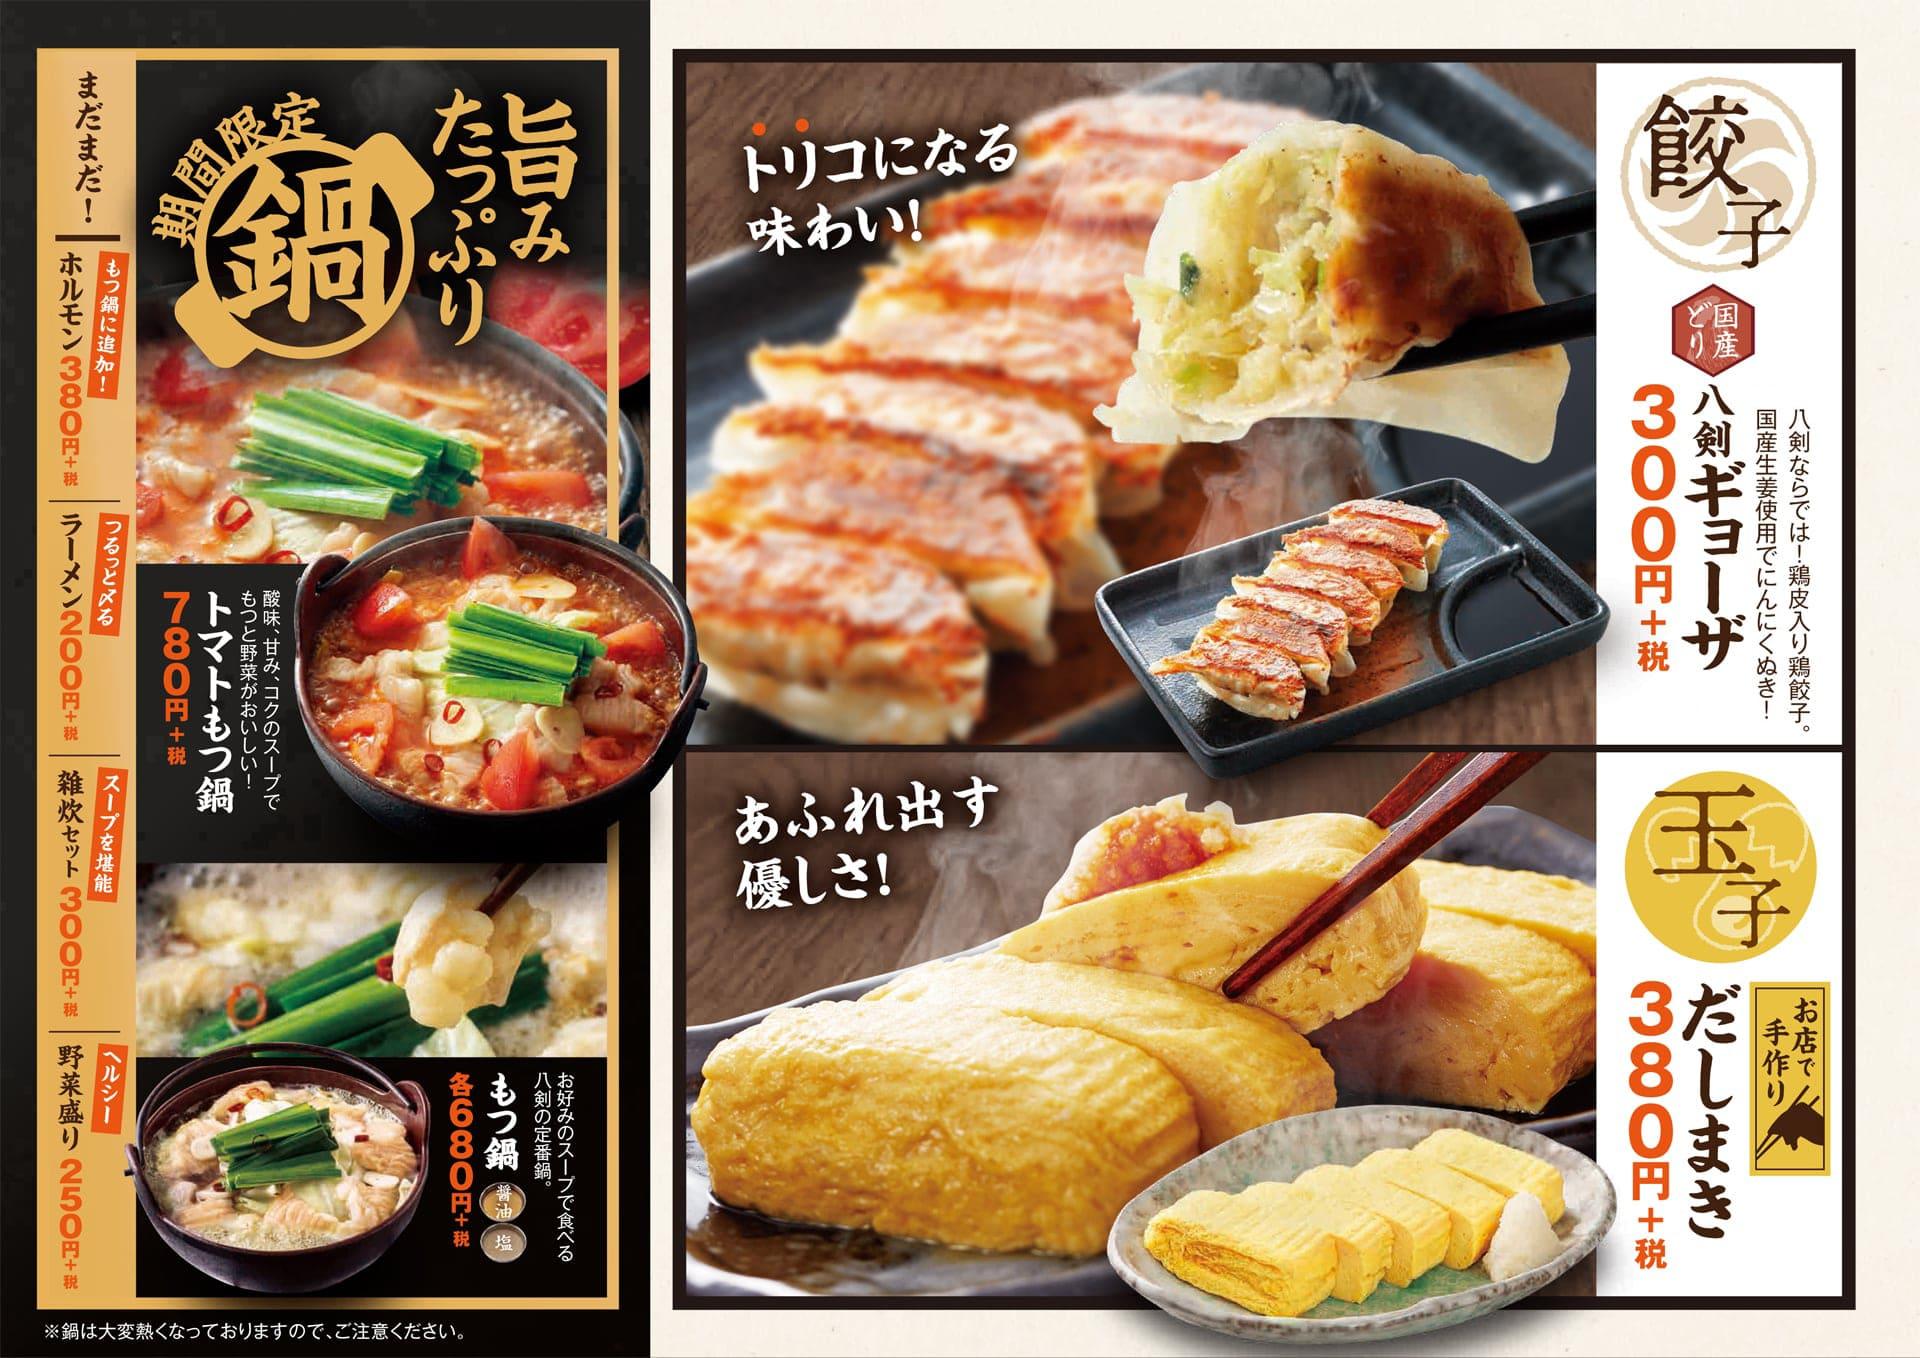 八剣食堂 餃子・玉子・鍋